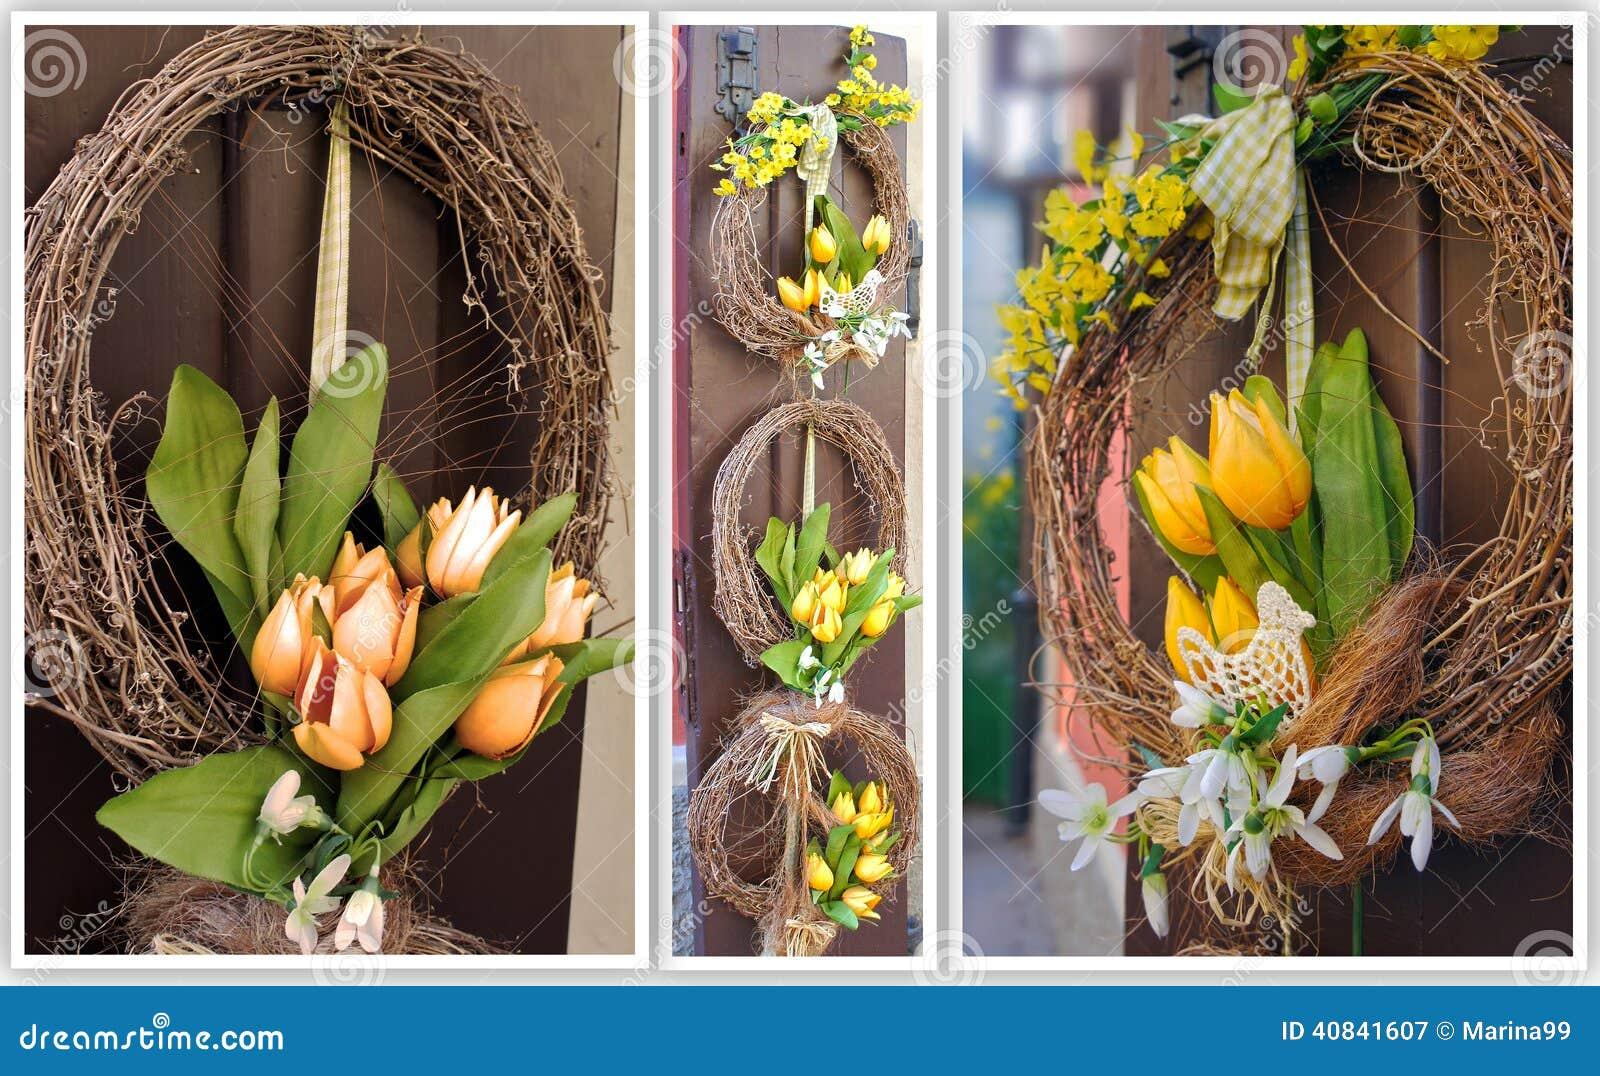 Corona di pasqua decorazione della primavera sulla porta for Design della casa libera